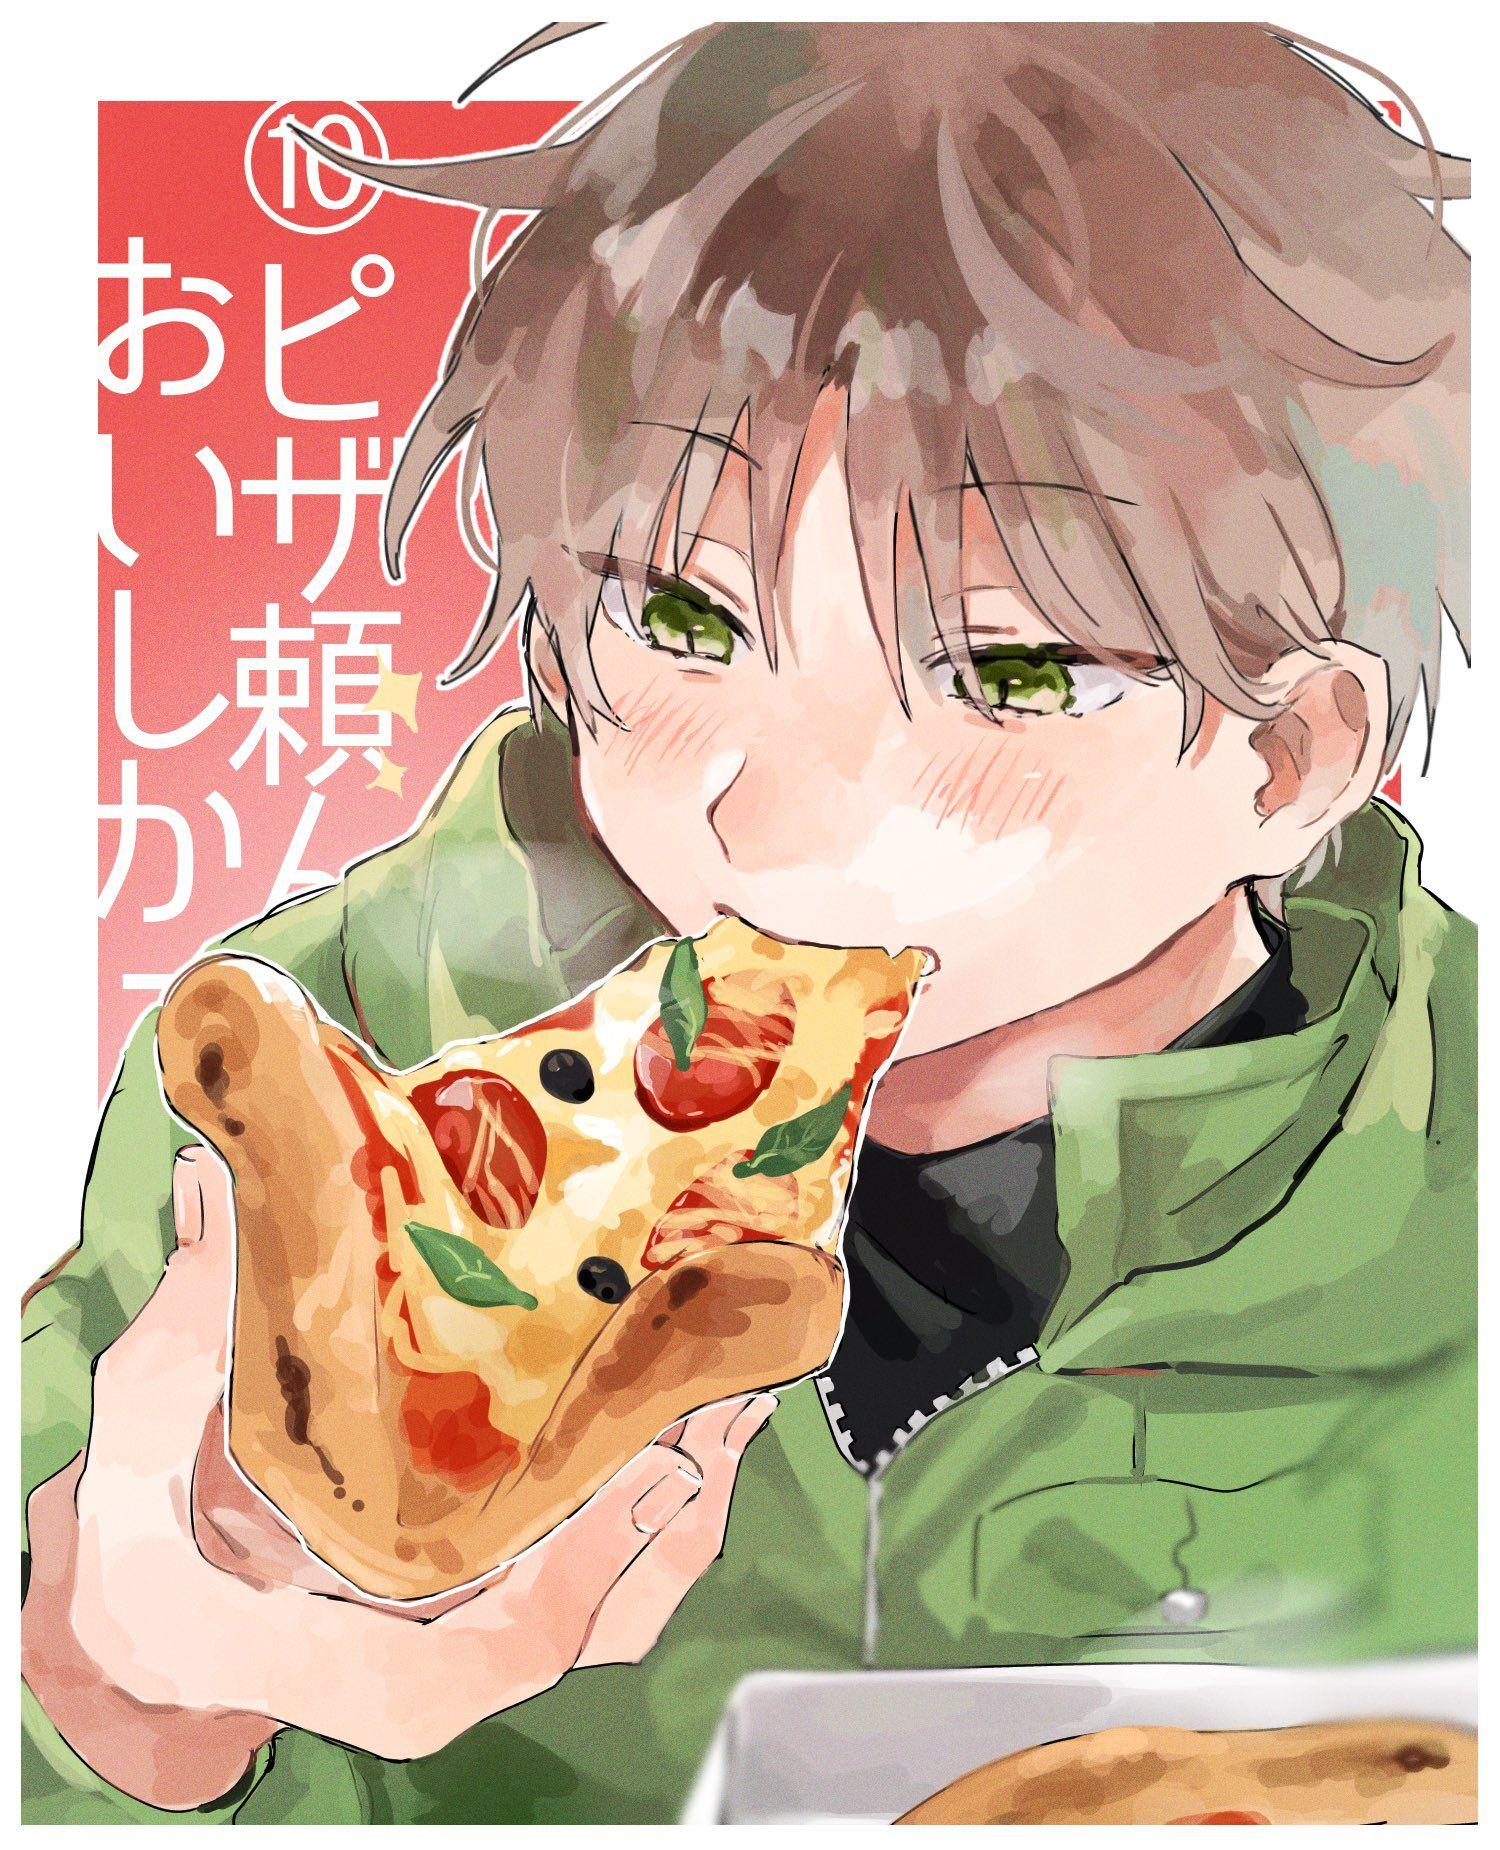 ちむ on twitter illustrations and posters anime boy digital artwork